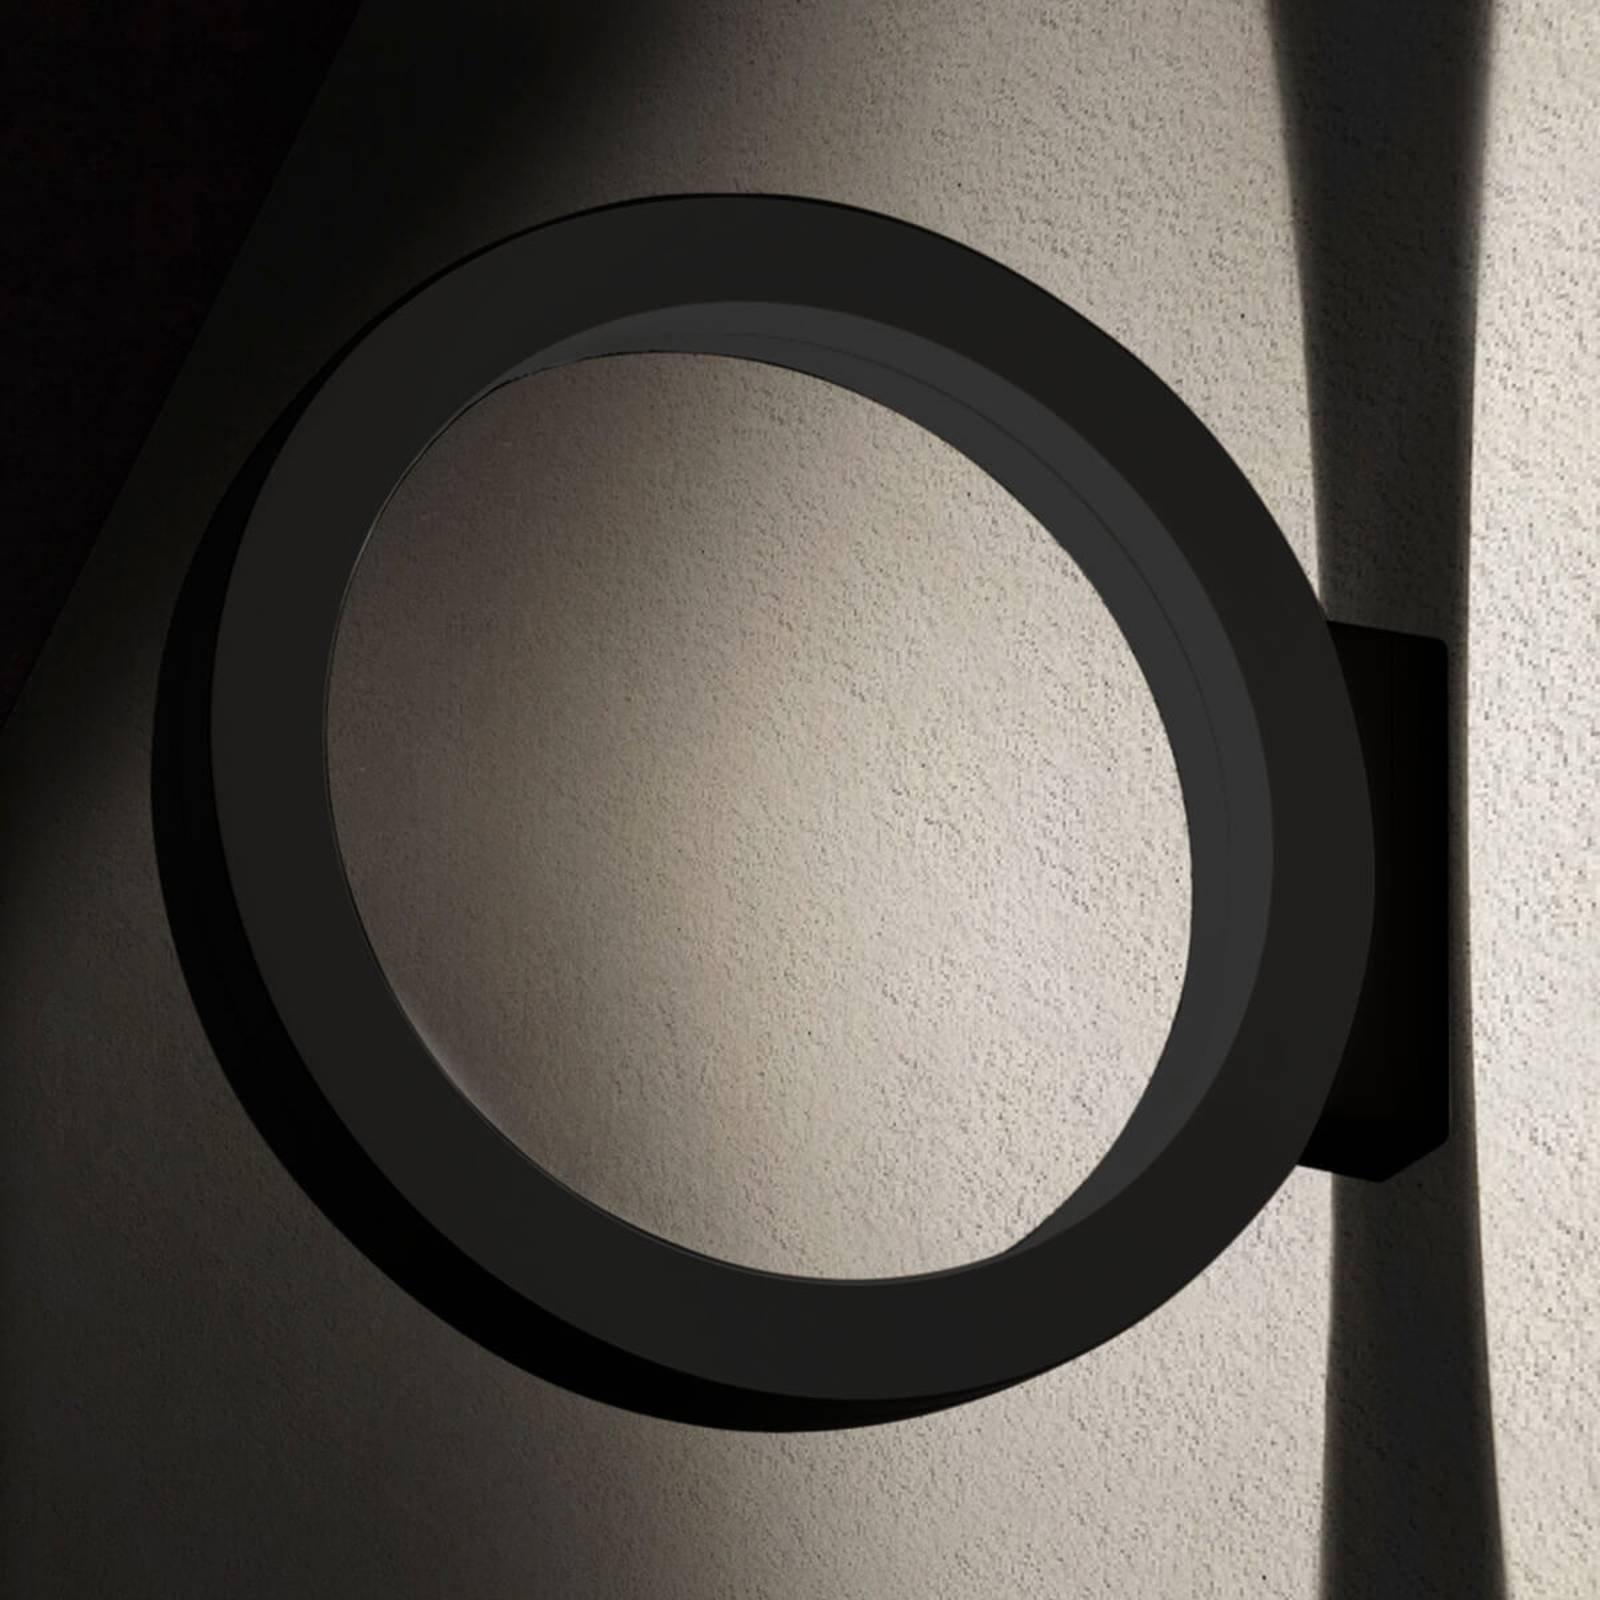 Cini&Nils Assolo utendørs LED-vegglampe antrasitt